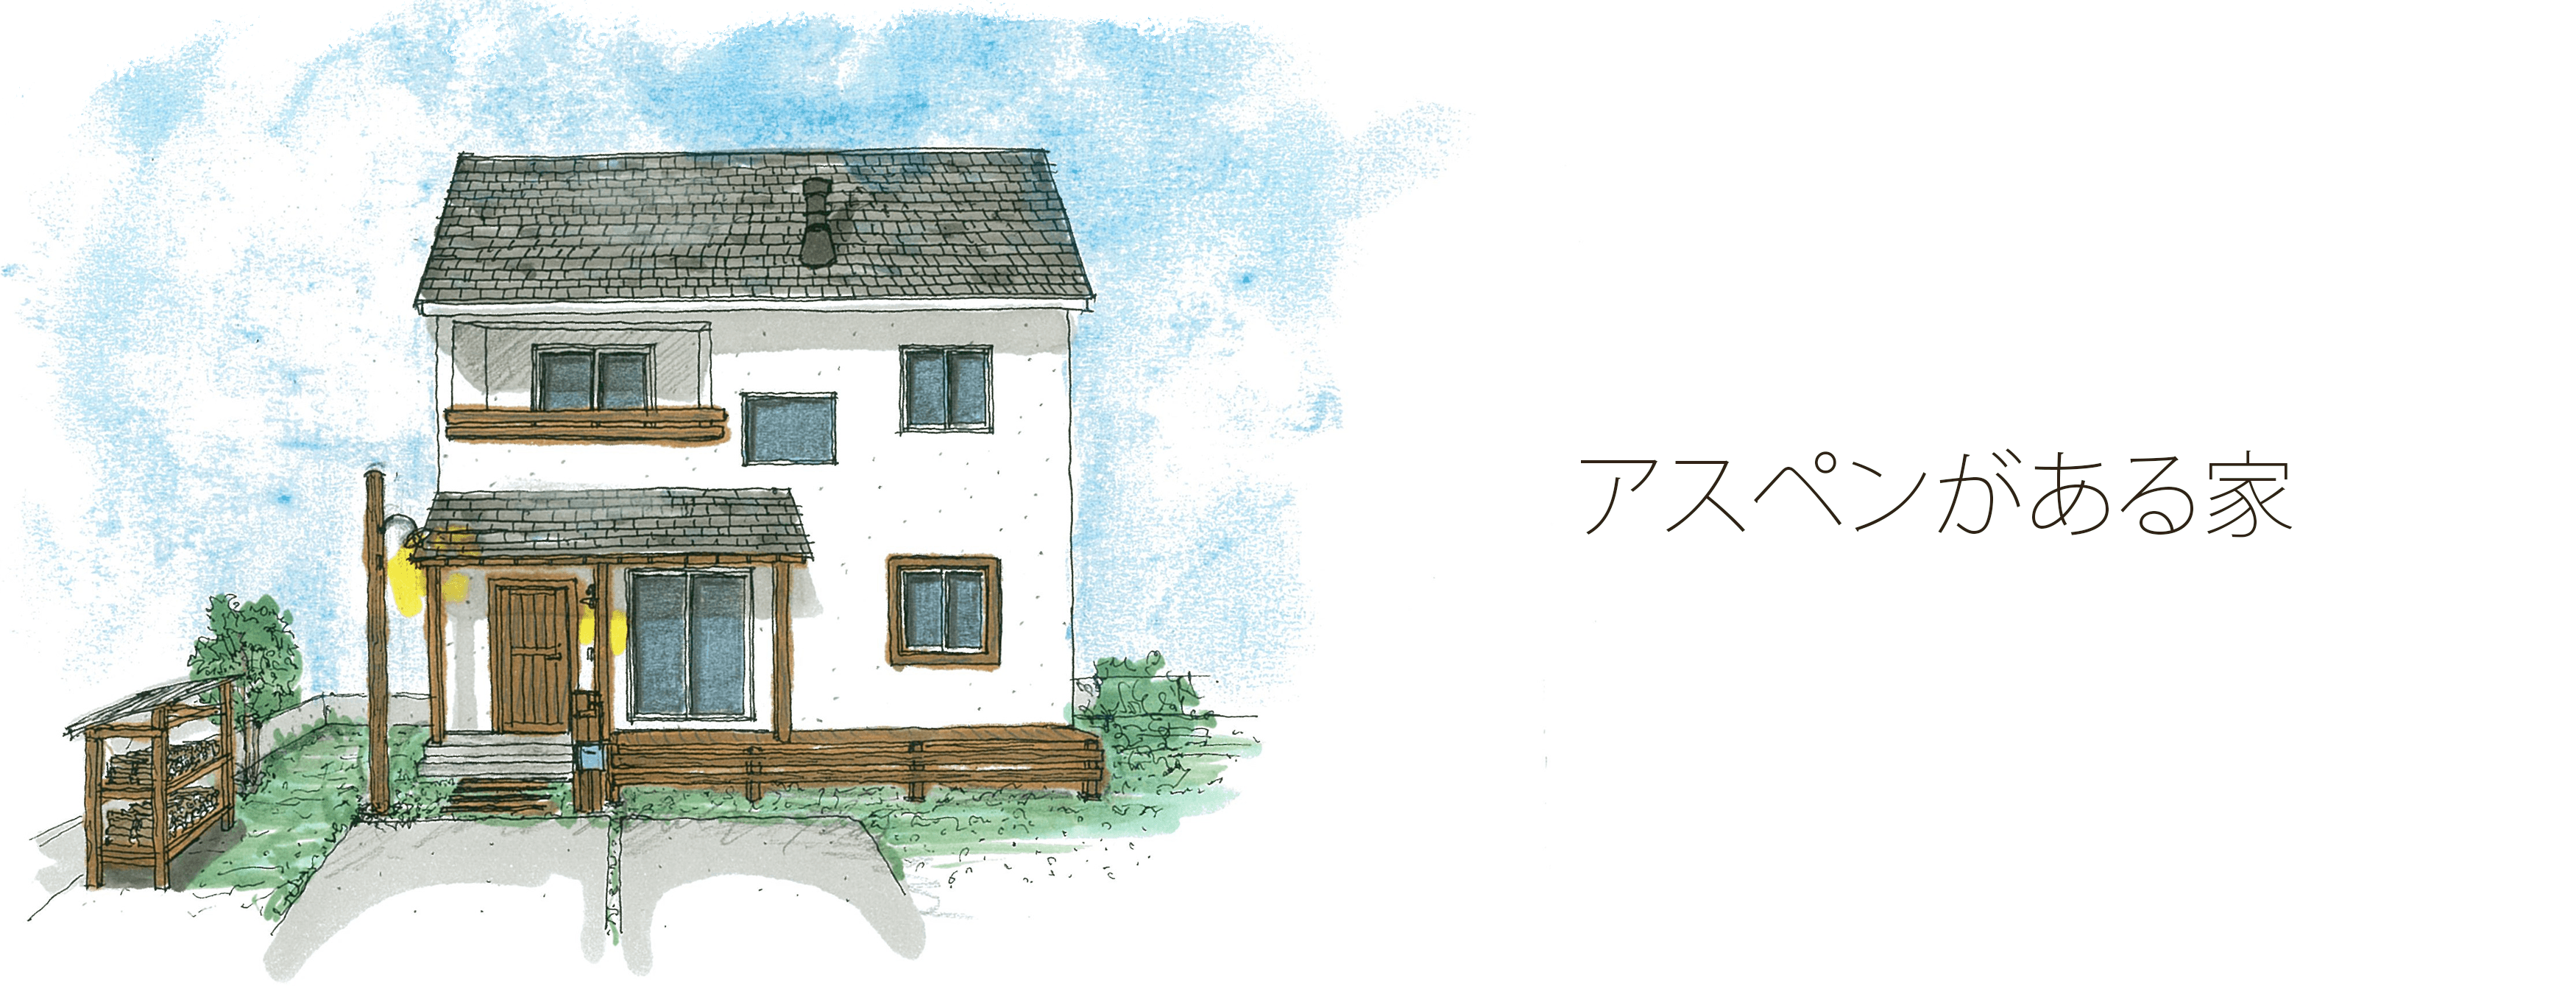 アスペンがある家